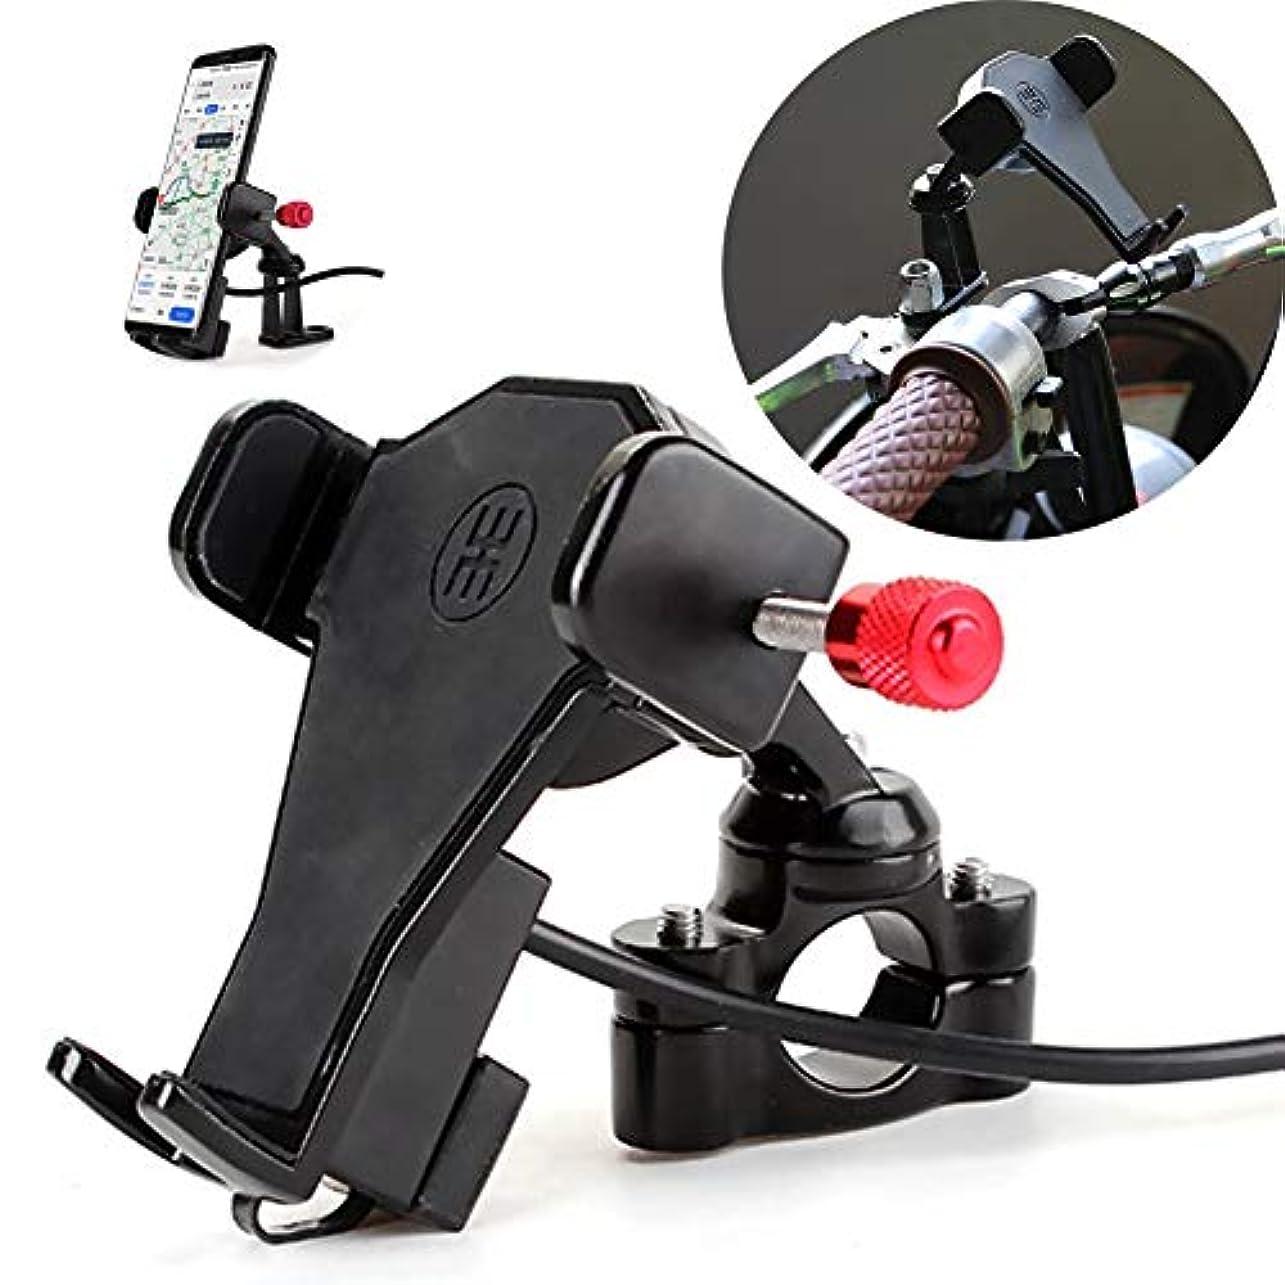 シート抗議頑張る自転車オートバイ携帯電話マウントホルダー - USB充電器付き360度回転、3.5-6.6インチ電話に適しています、あらゆるスマートフォンGPS用 - ユニバーサルマウンテンロードバイクオートバイ